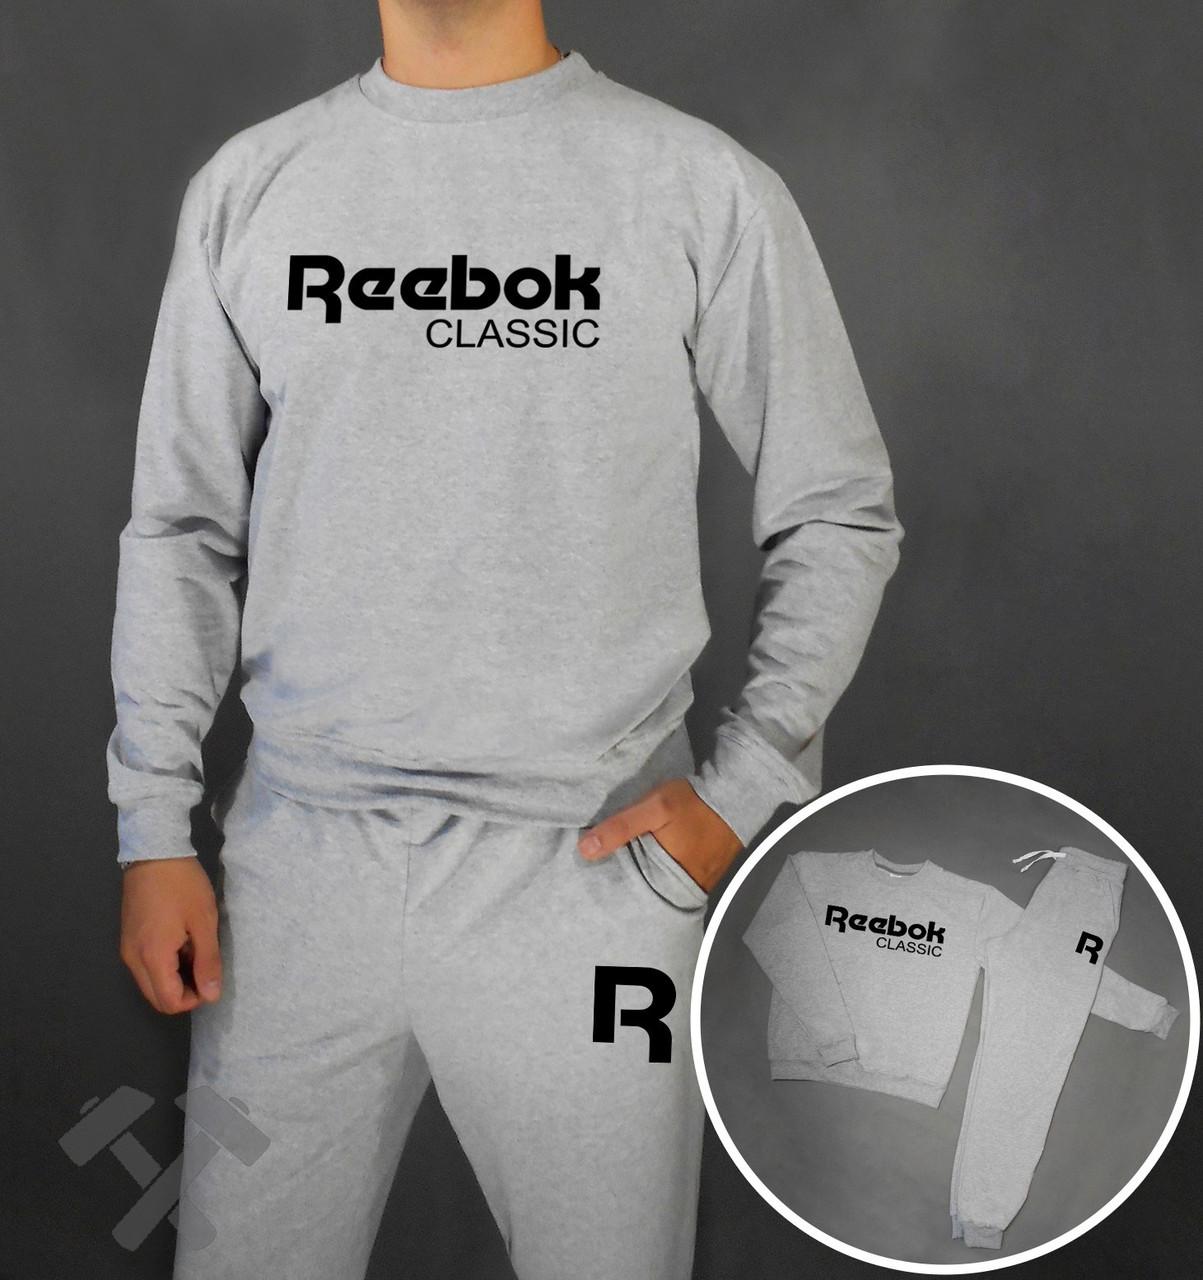 Спортивный костюм Reebok Classic серого цвета с черным логотипом на груди